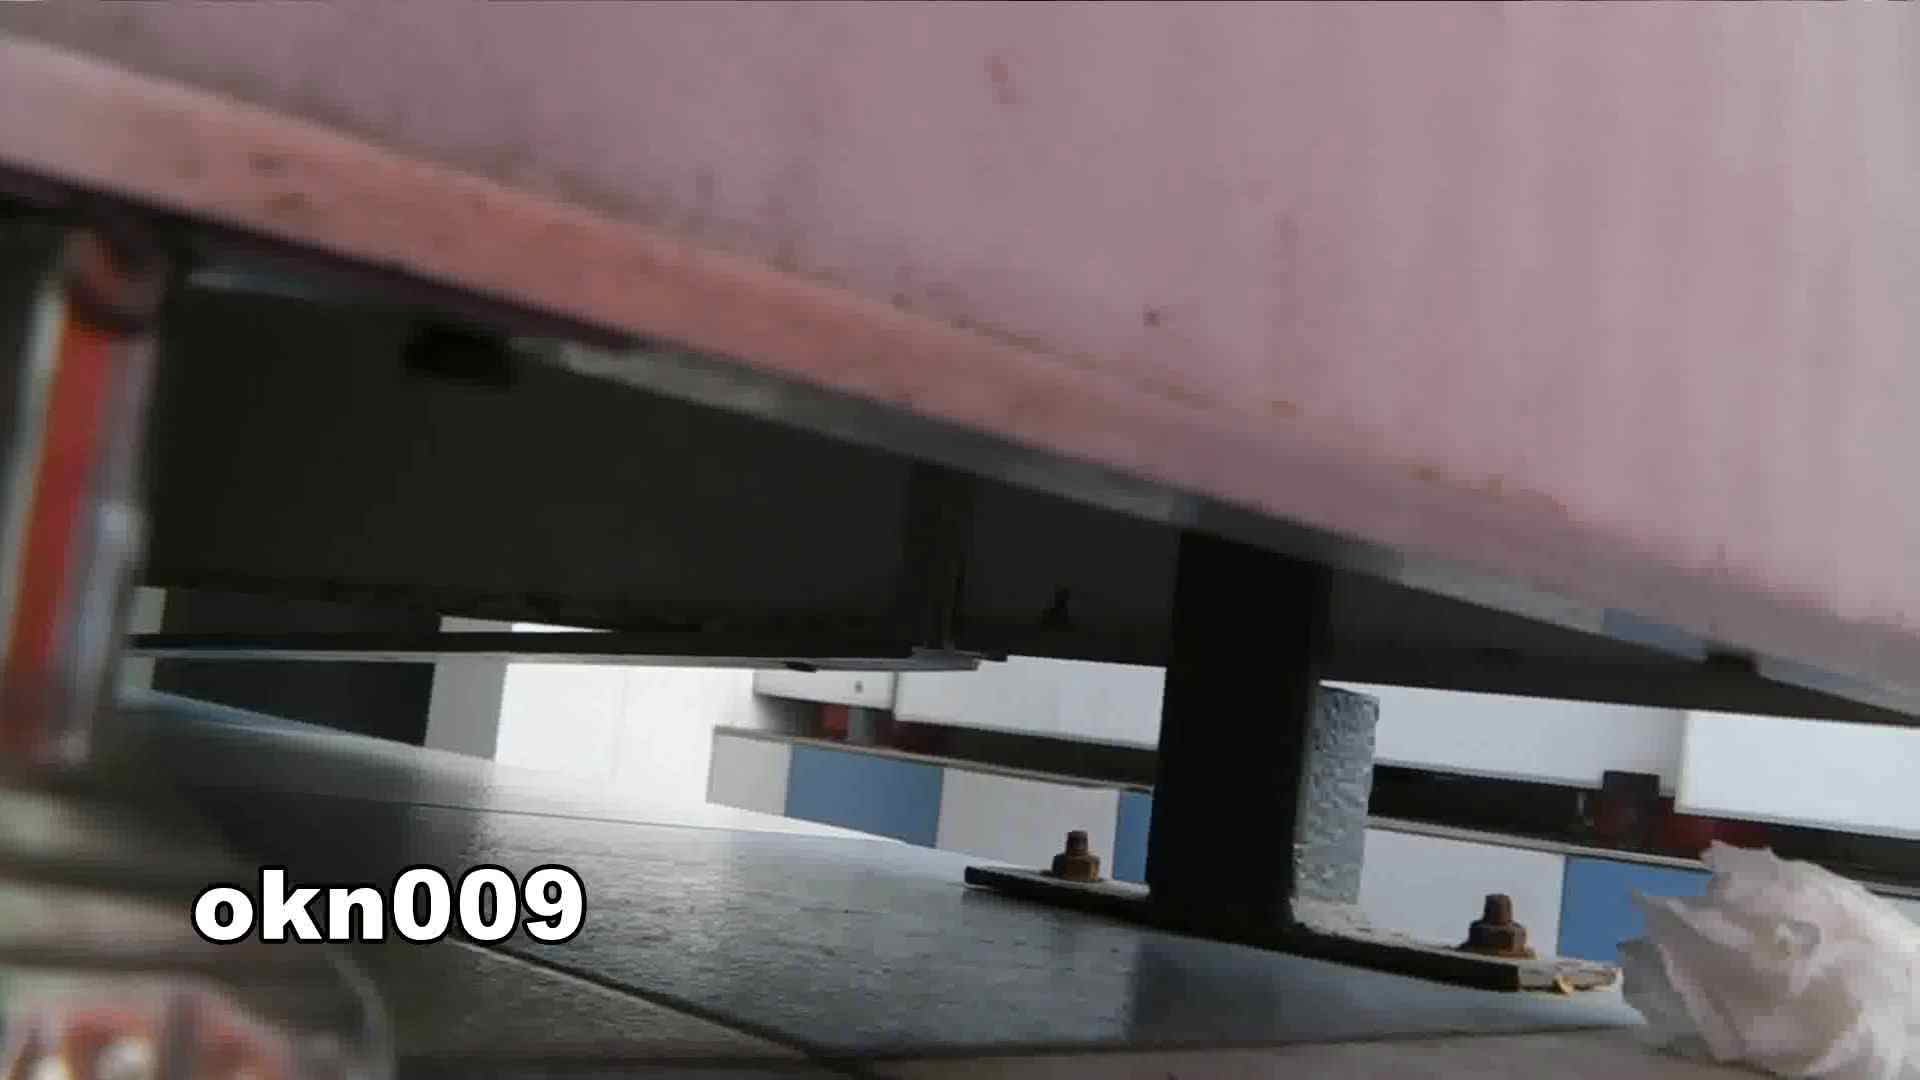 下からノゾム vol.009 リキンでモリアガった割にヒョロ 盛合せ 濡れ場動画紹介 109画像 90